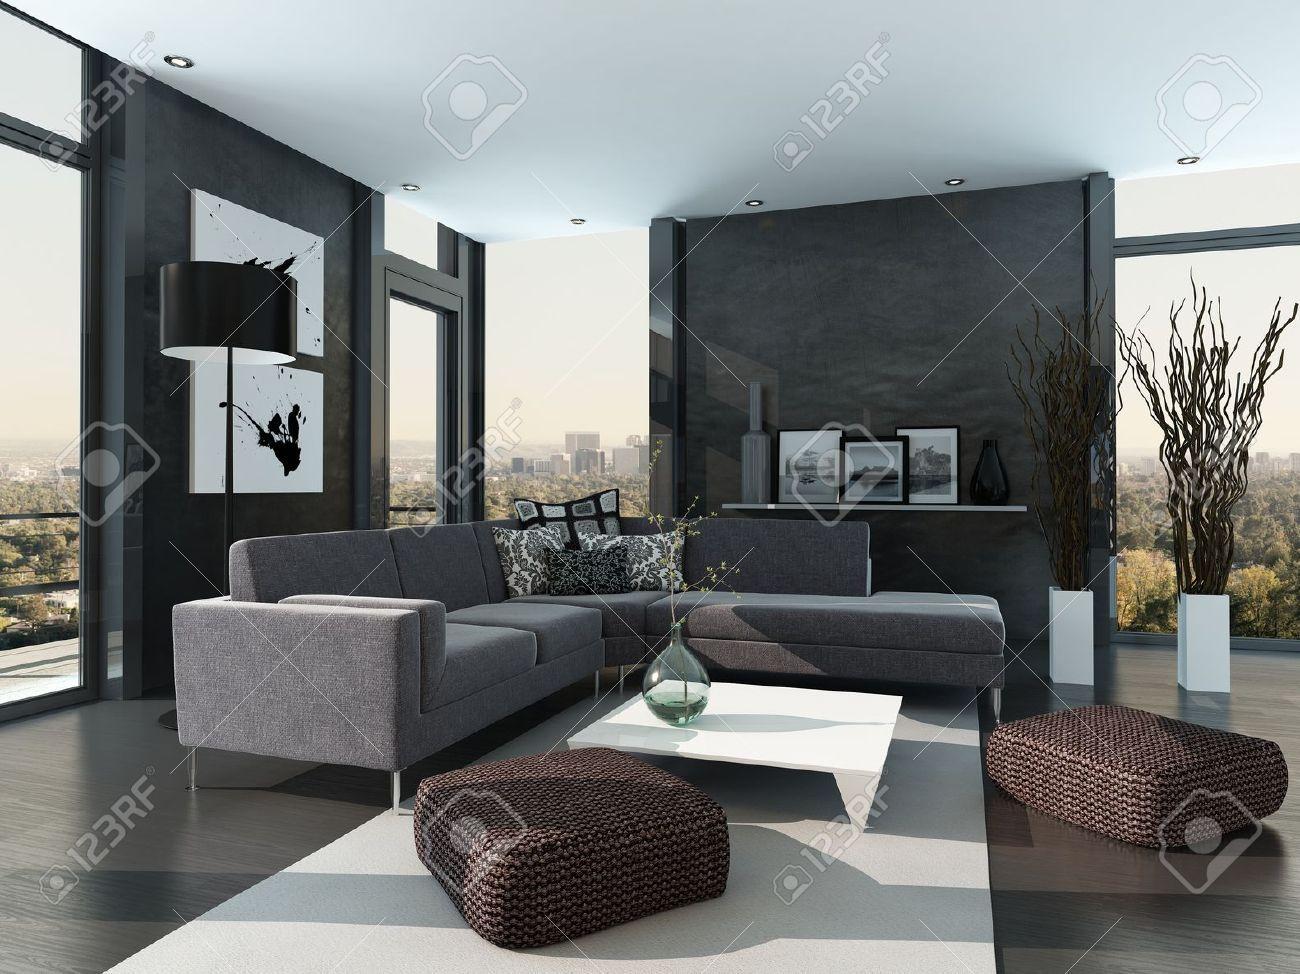 Grijs gekleurde modern design woonkamer interieur royalty vrije foto plaatjes beelden en stock - Grijs gekleurde ...